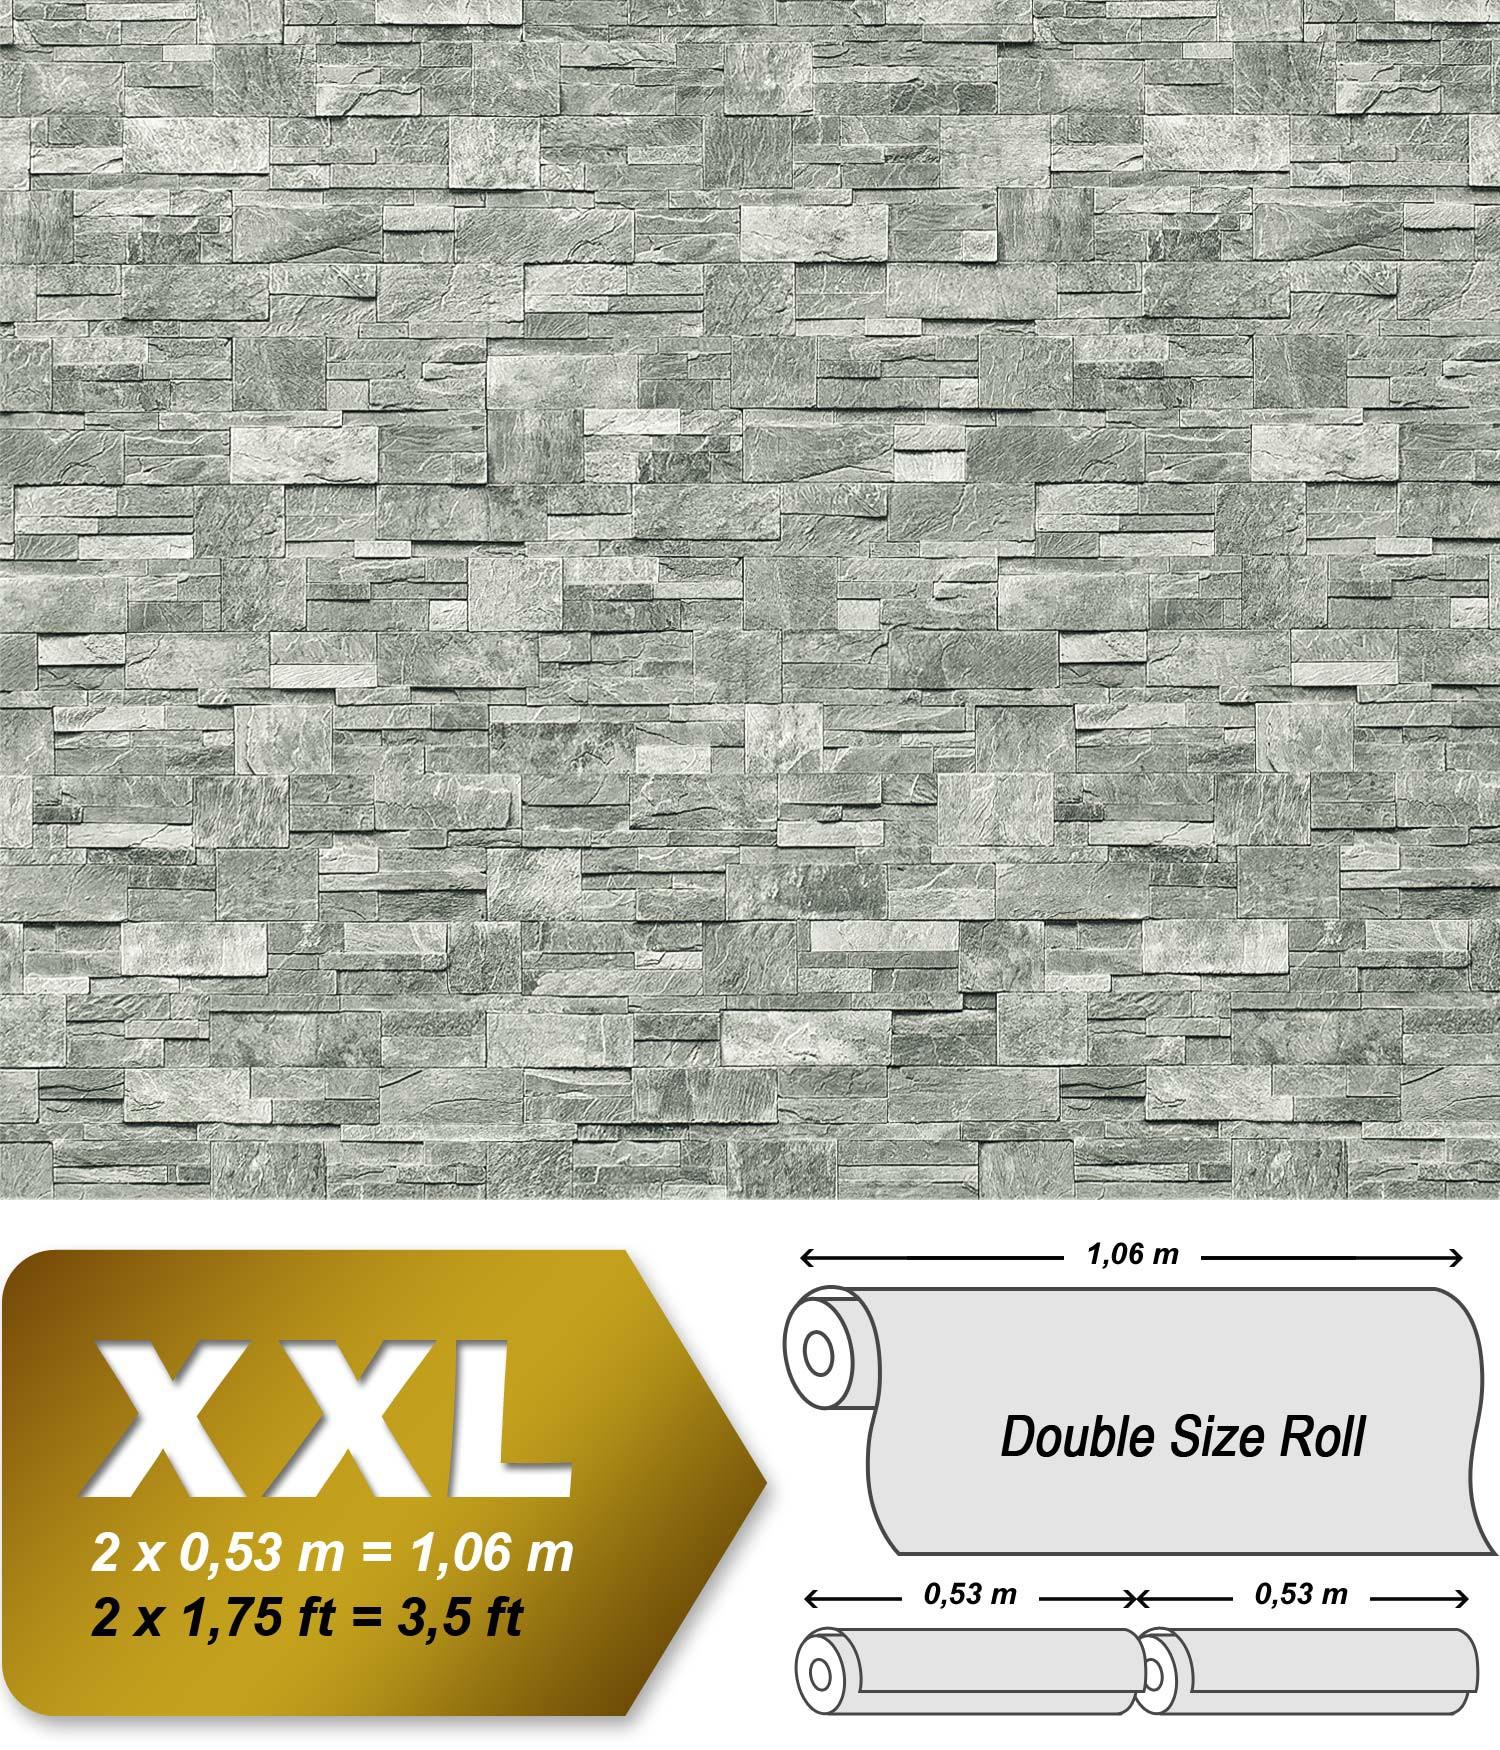 ... 918-37 Vliesbehang XXL Steen behang natuursteen muur optiek in reliëf